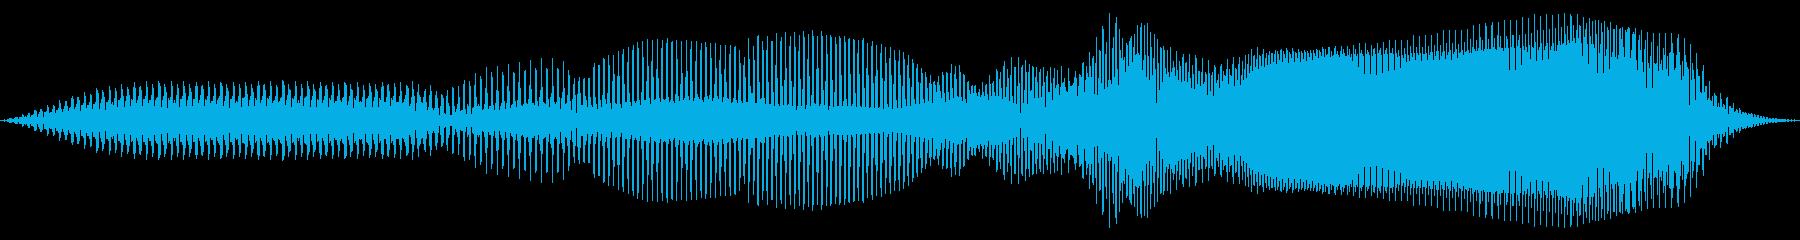 コミカル クラリネオ 上昇の再生済みの波形